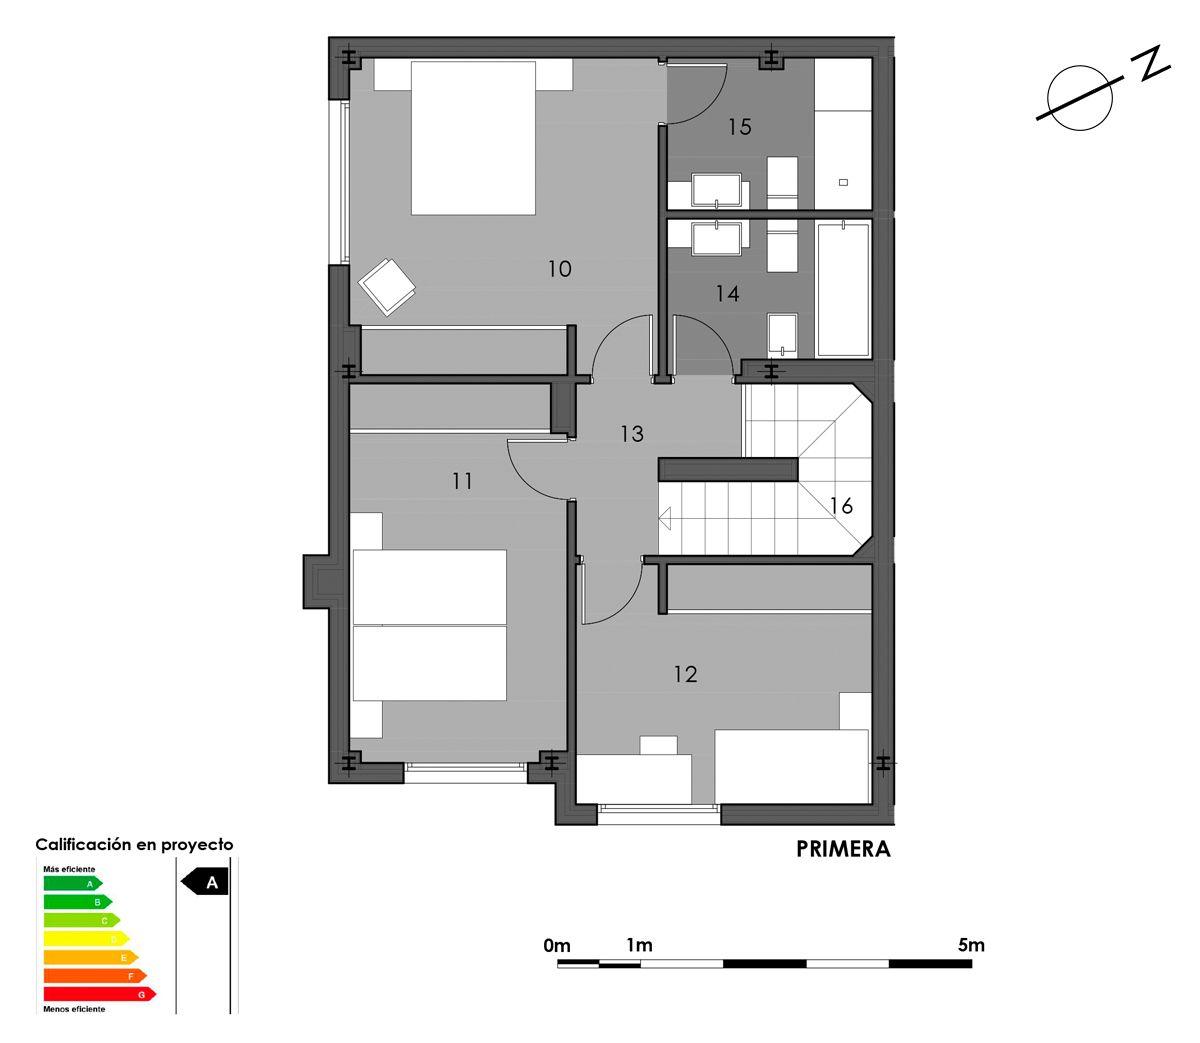 primera planta vivienda 2